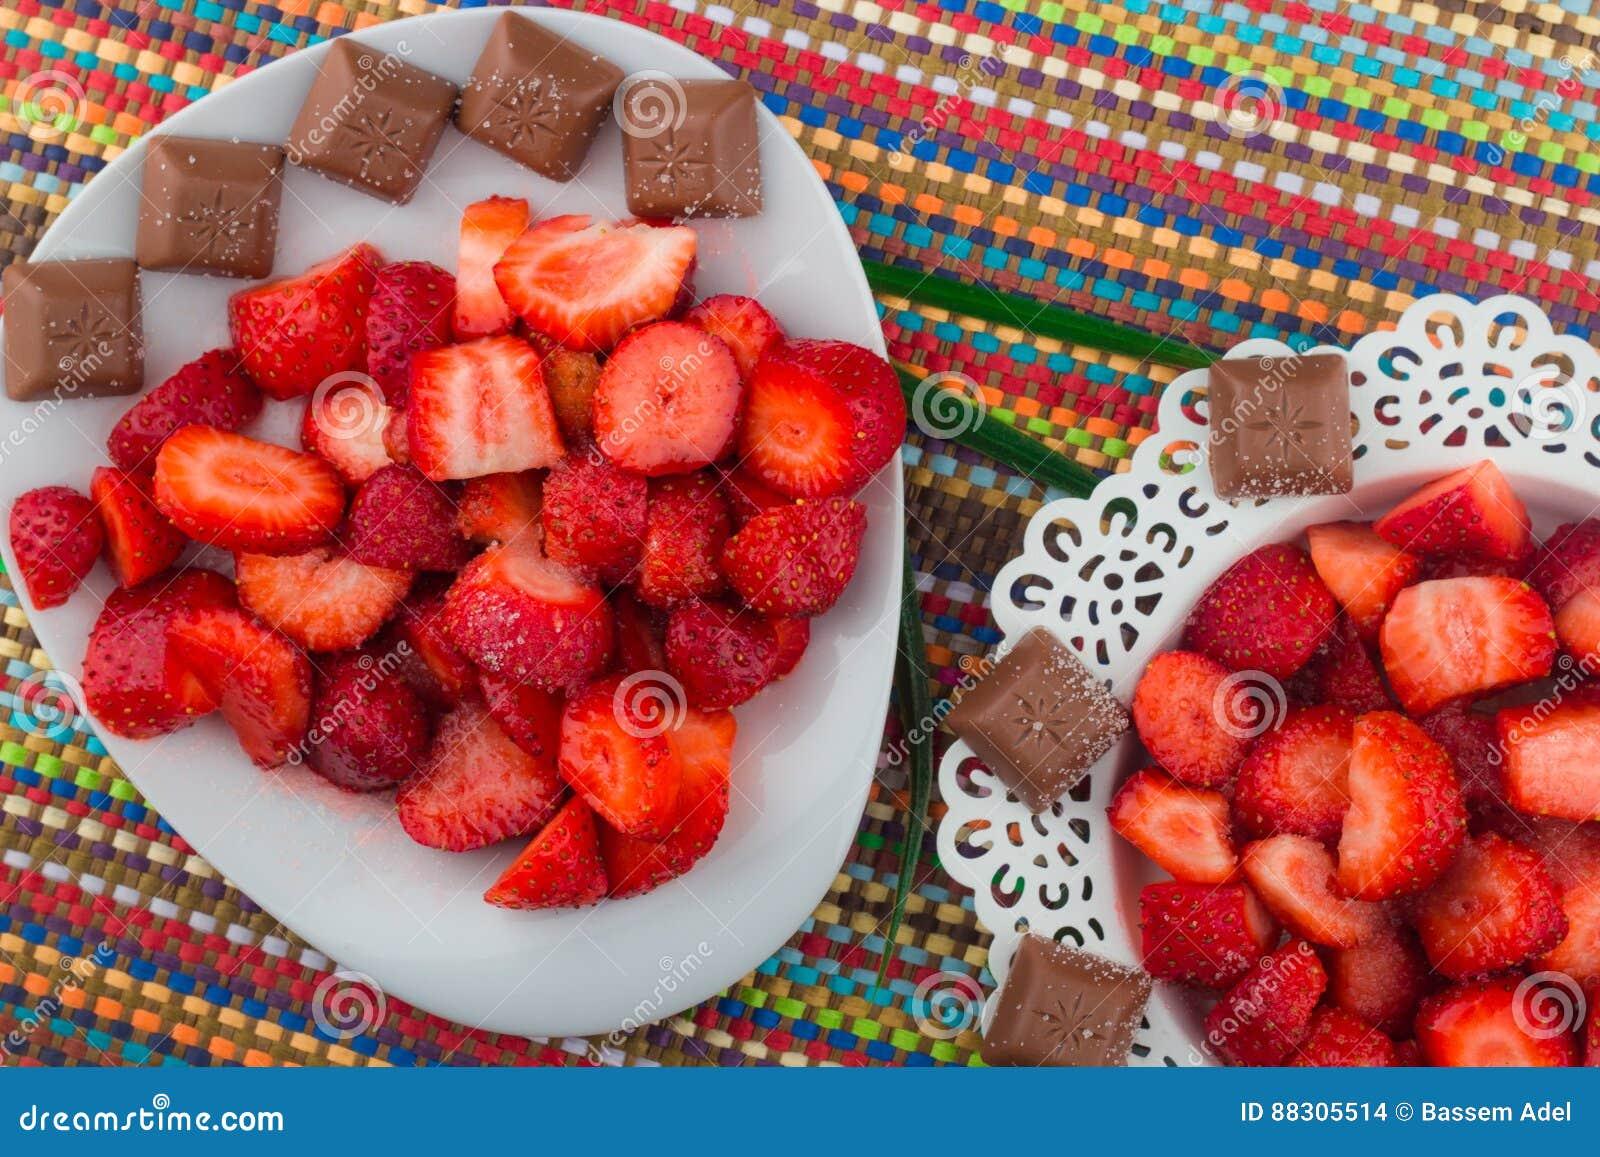 Fresas en una placa blanca